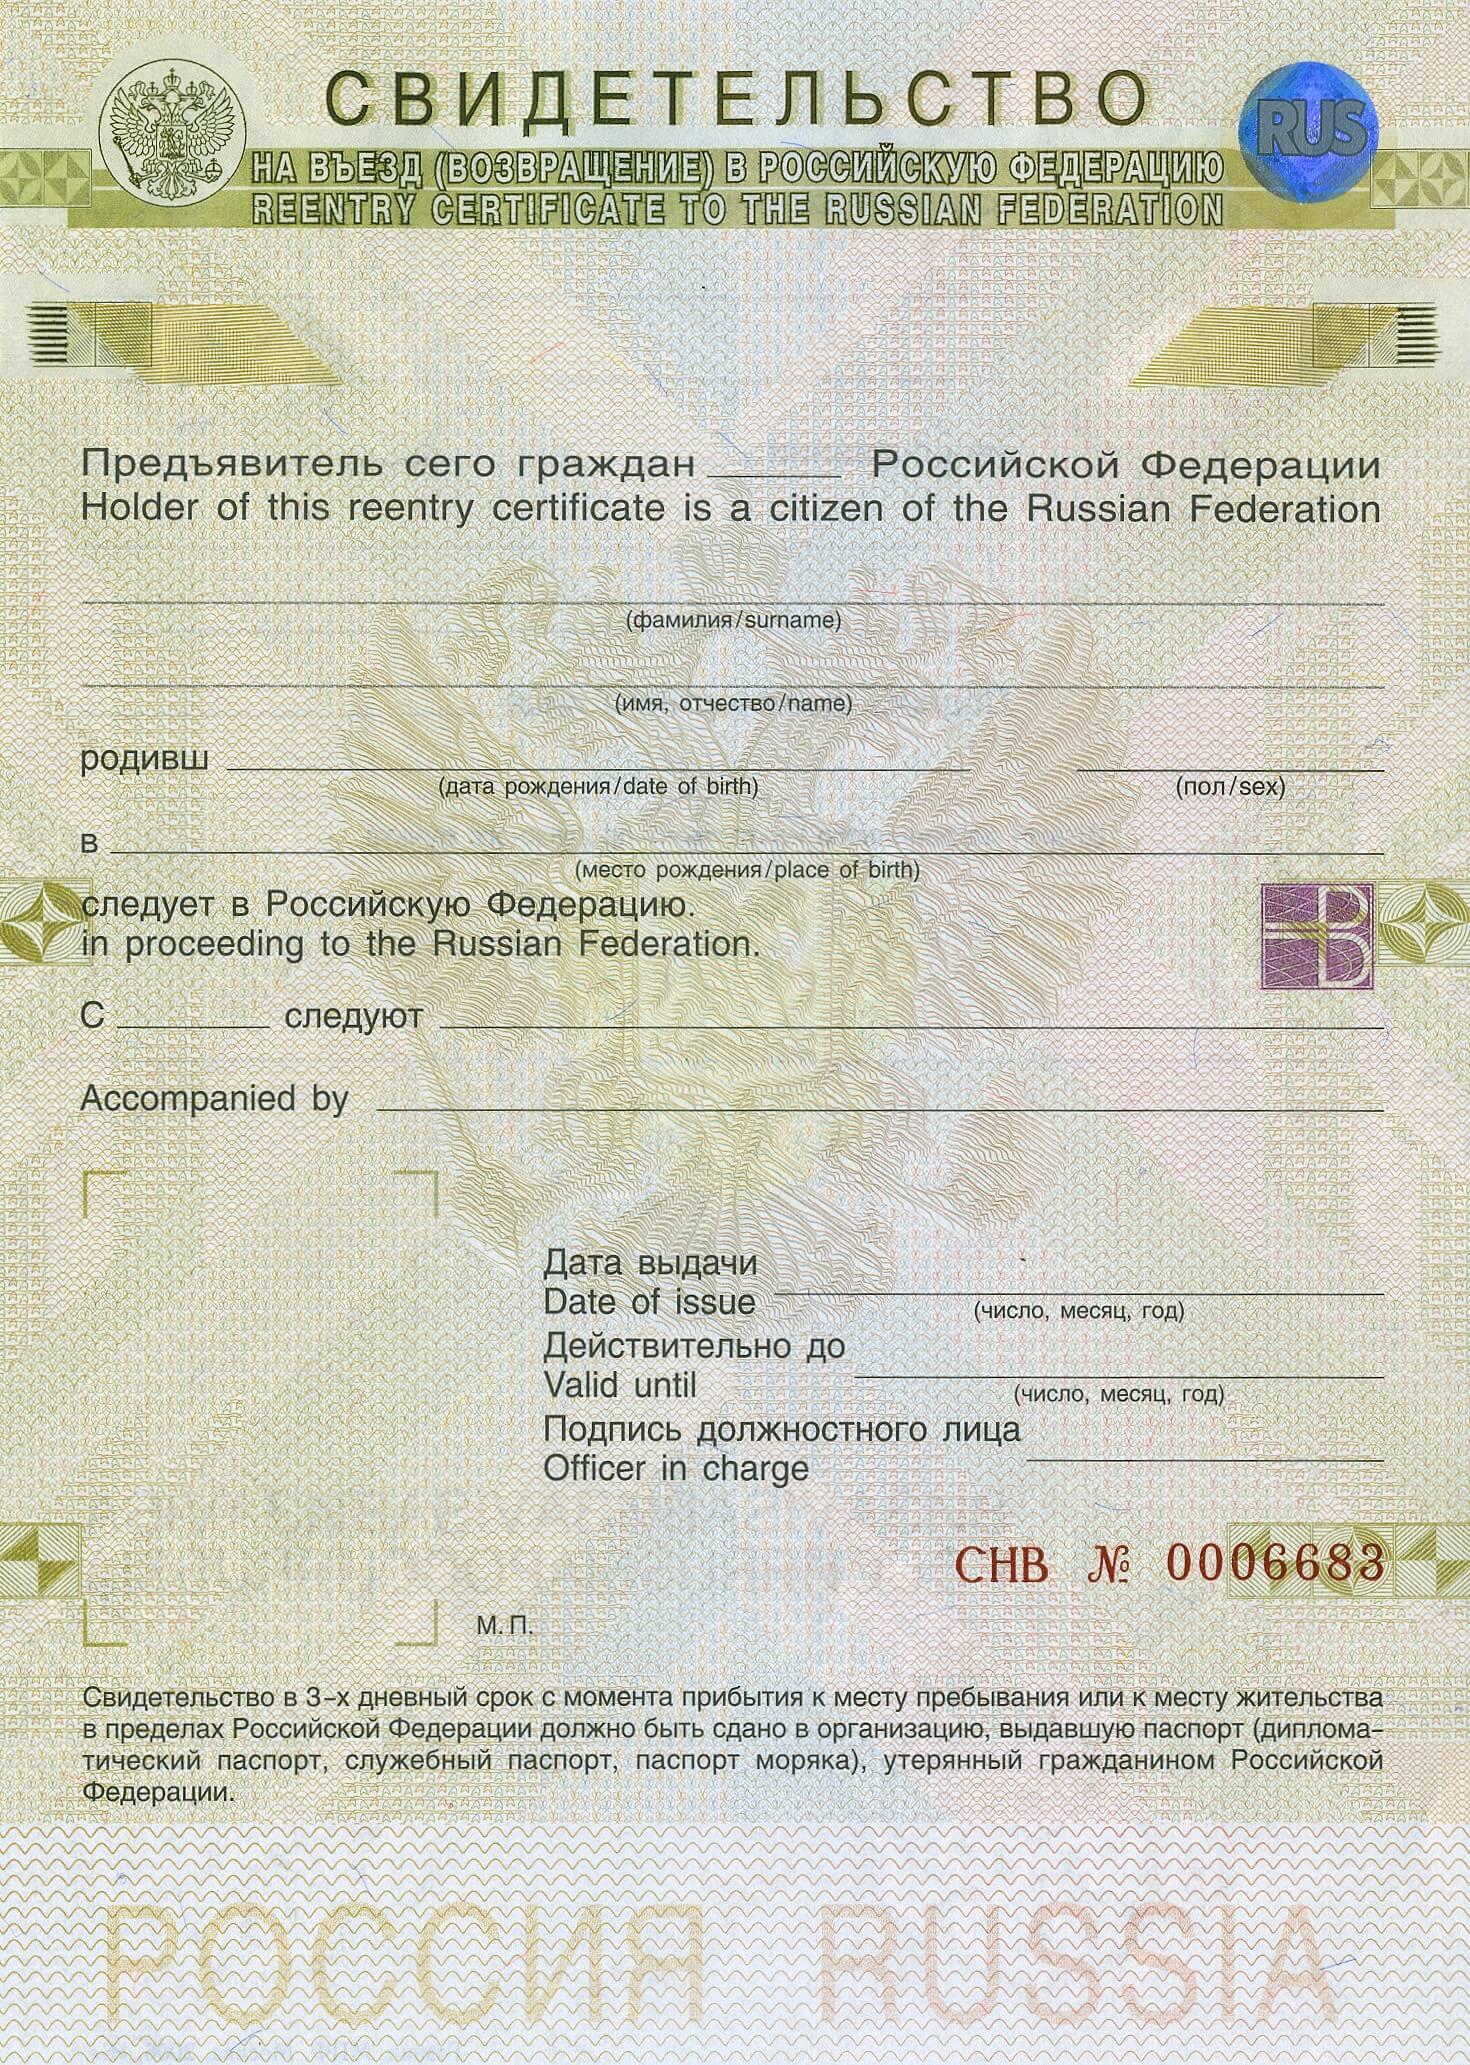 pasport-konchaetsya-cherez-nedelyu